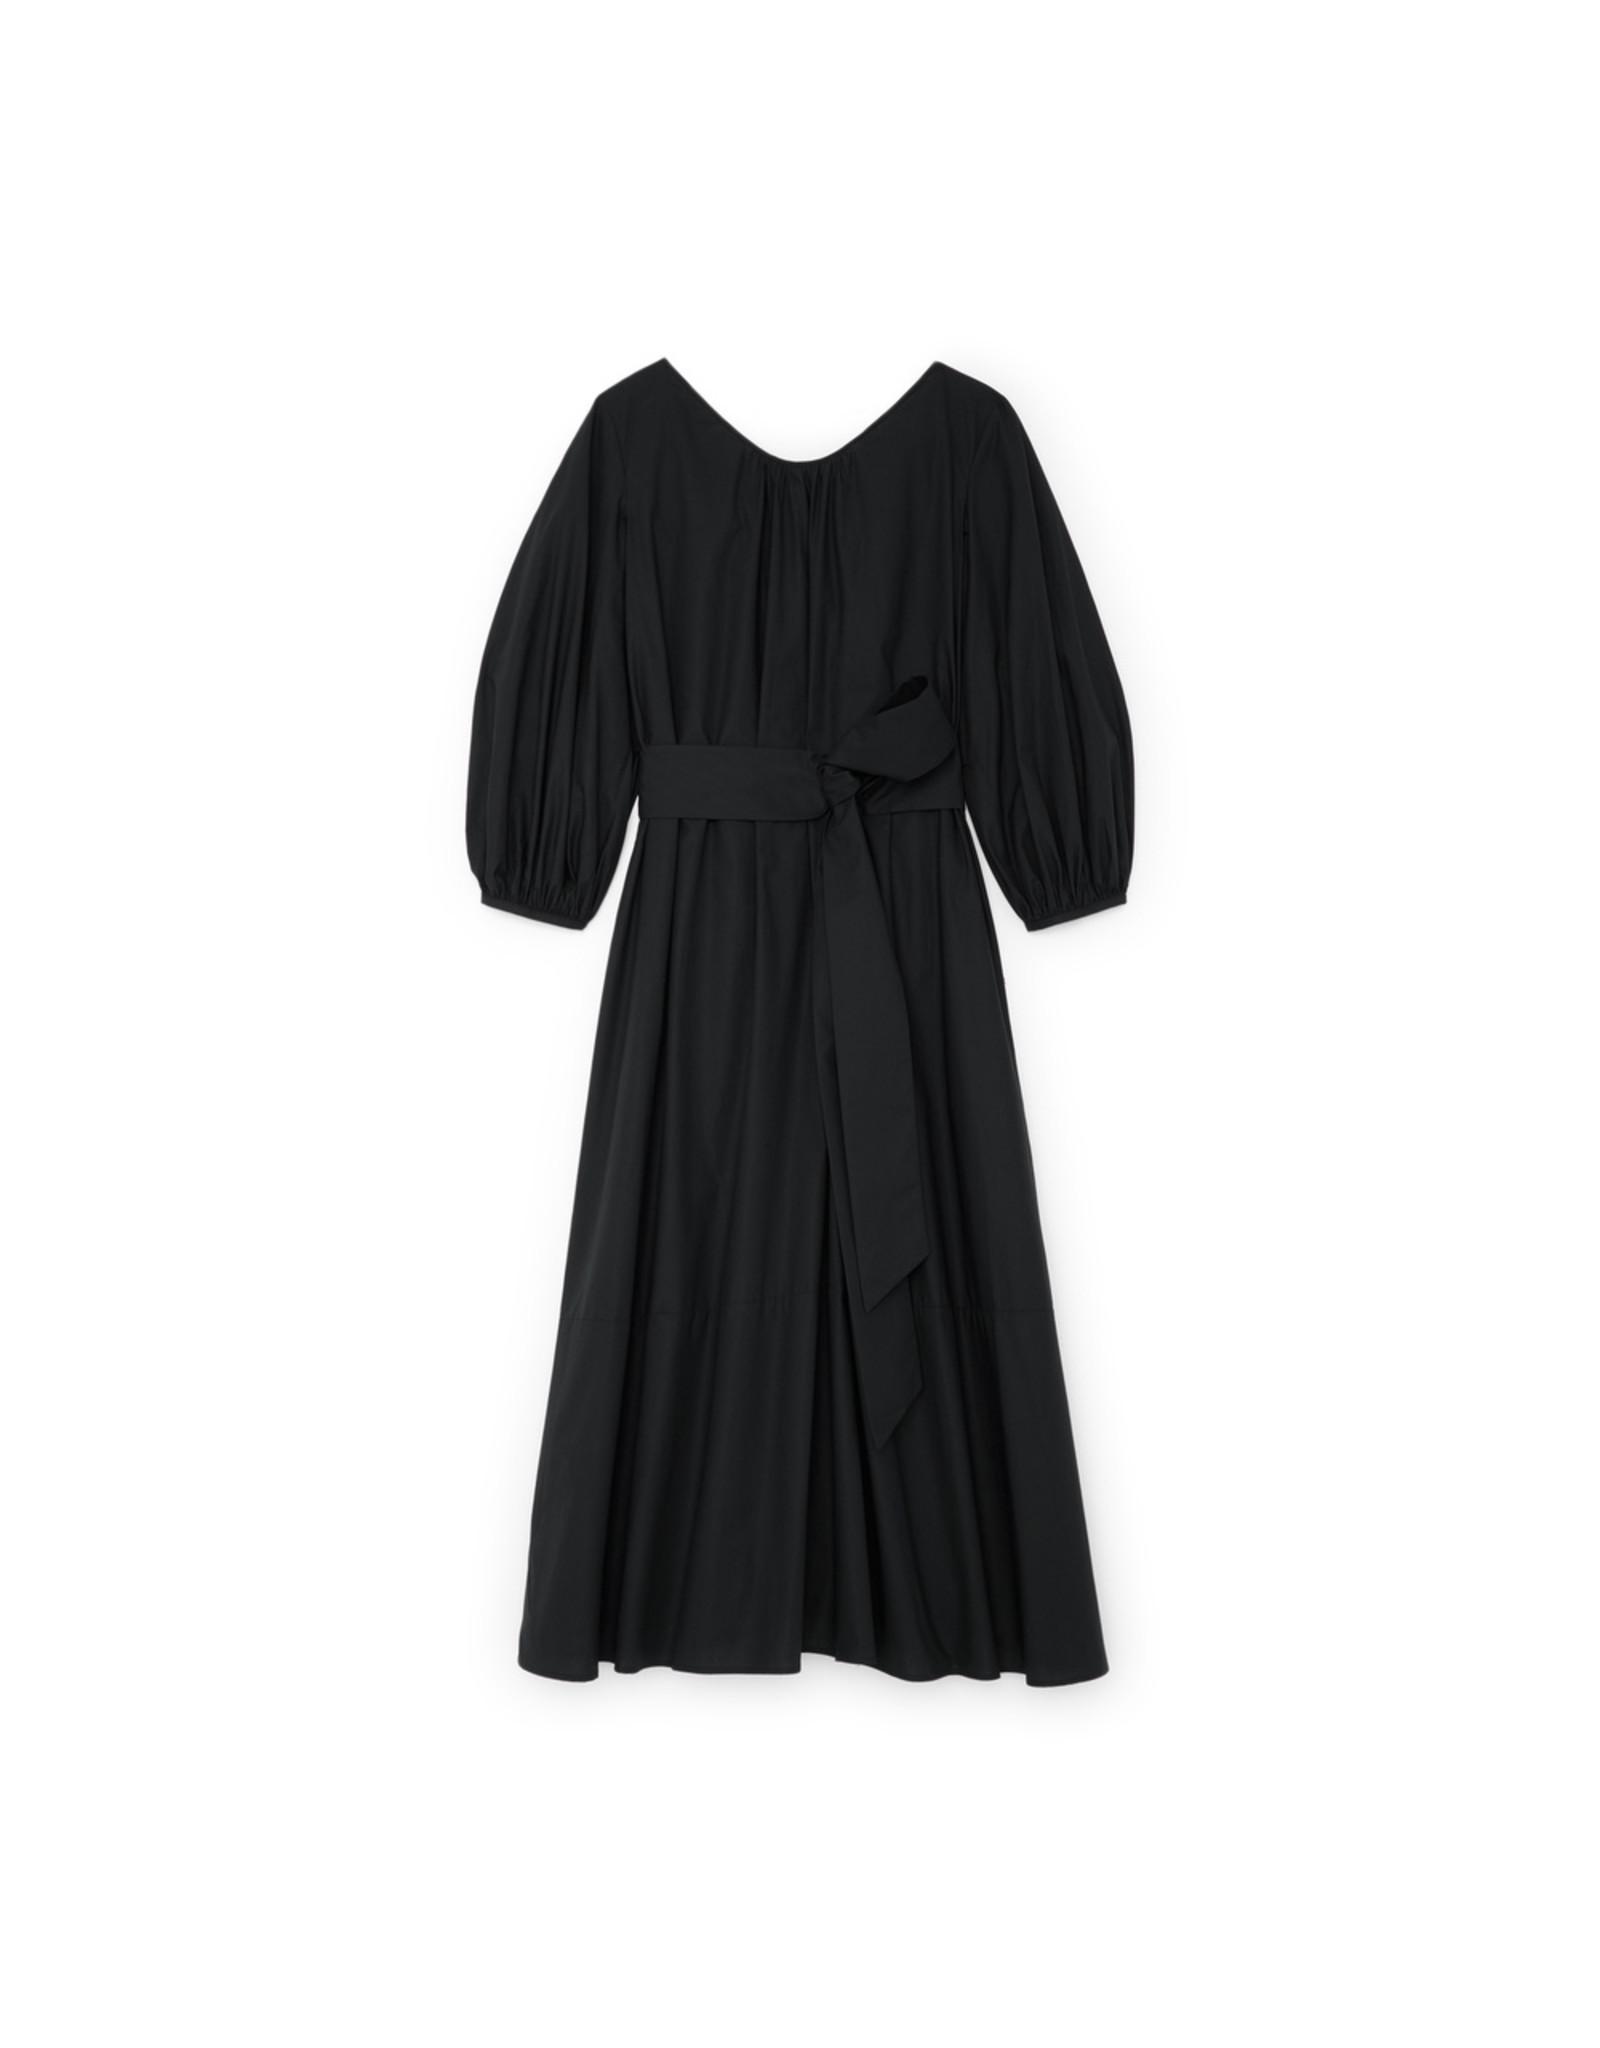 G. Label Amagansett Maxi Dress (Color: Black, Size: M)